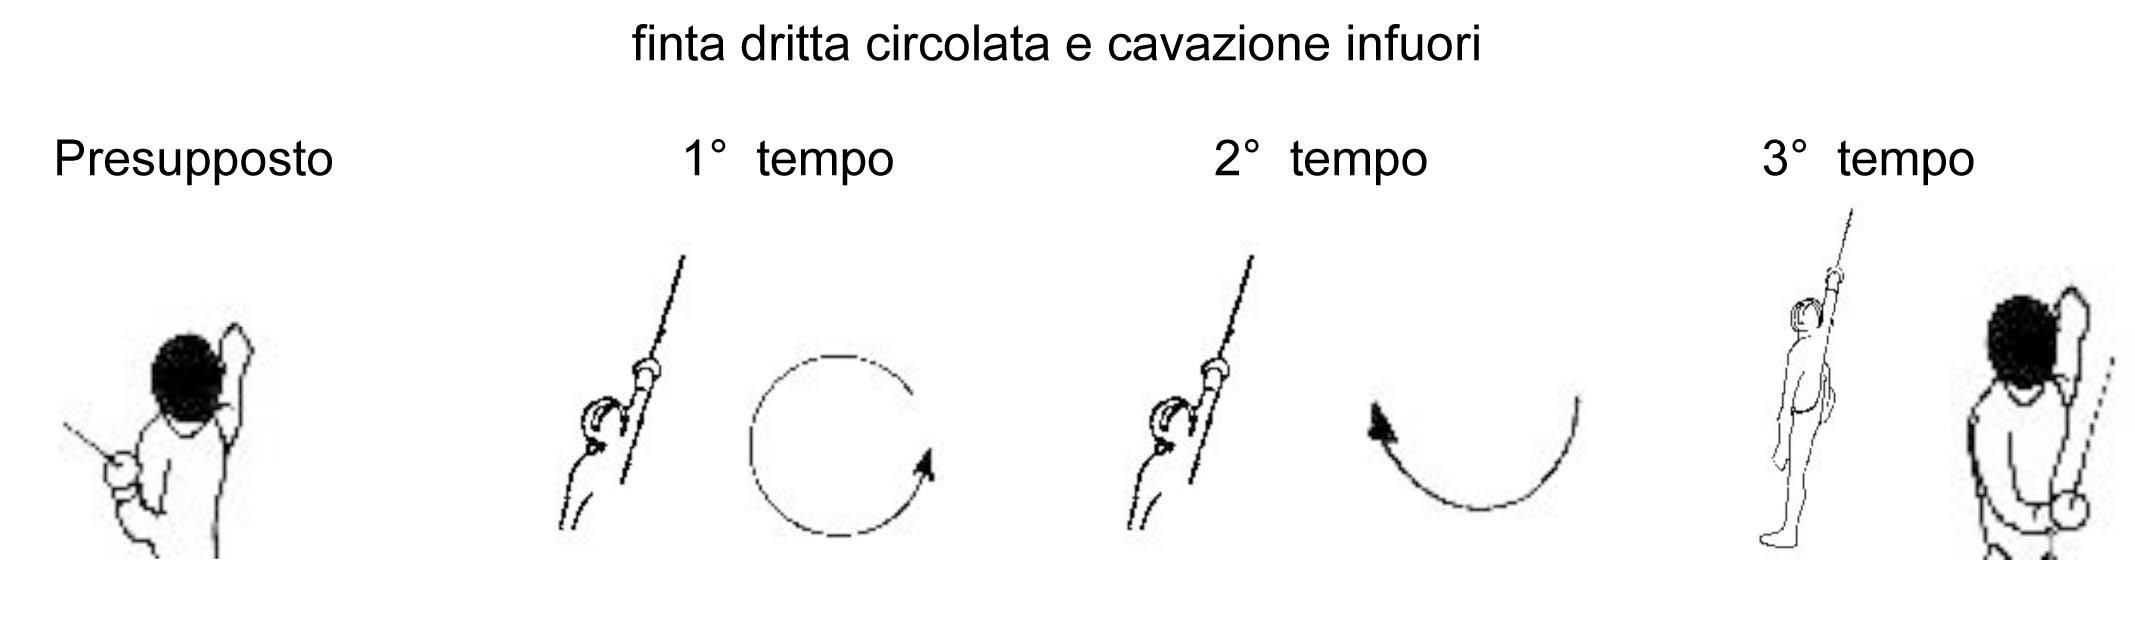 finta-dritta-circolata-e-cavazione-infuori